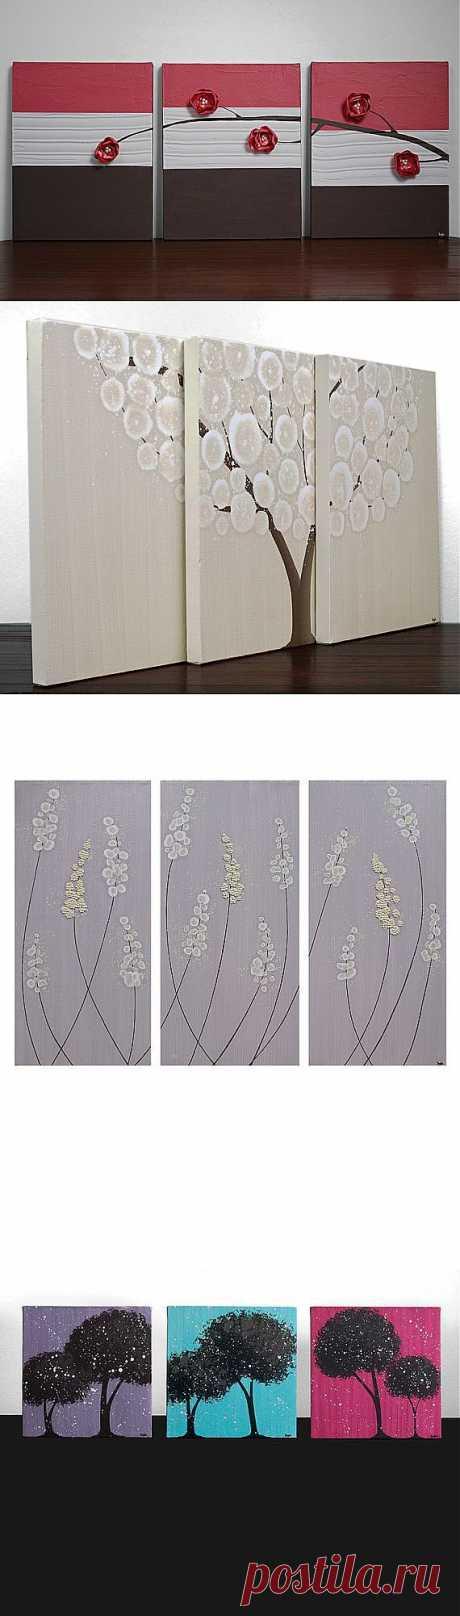 Как украсить стены: картины для тех, кто не умеет рисовать